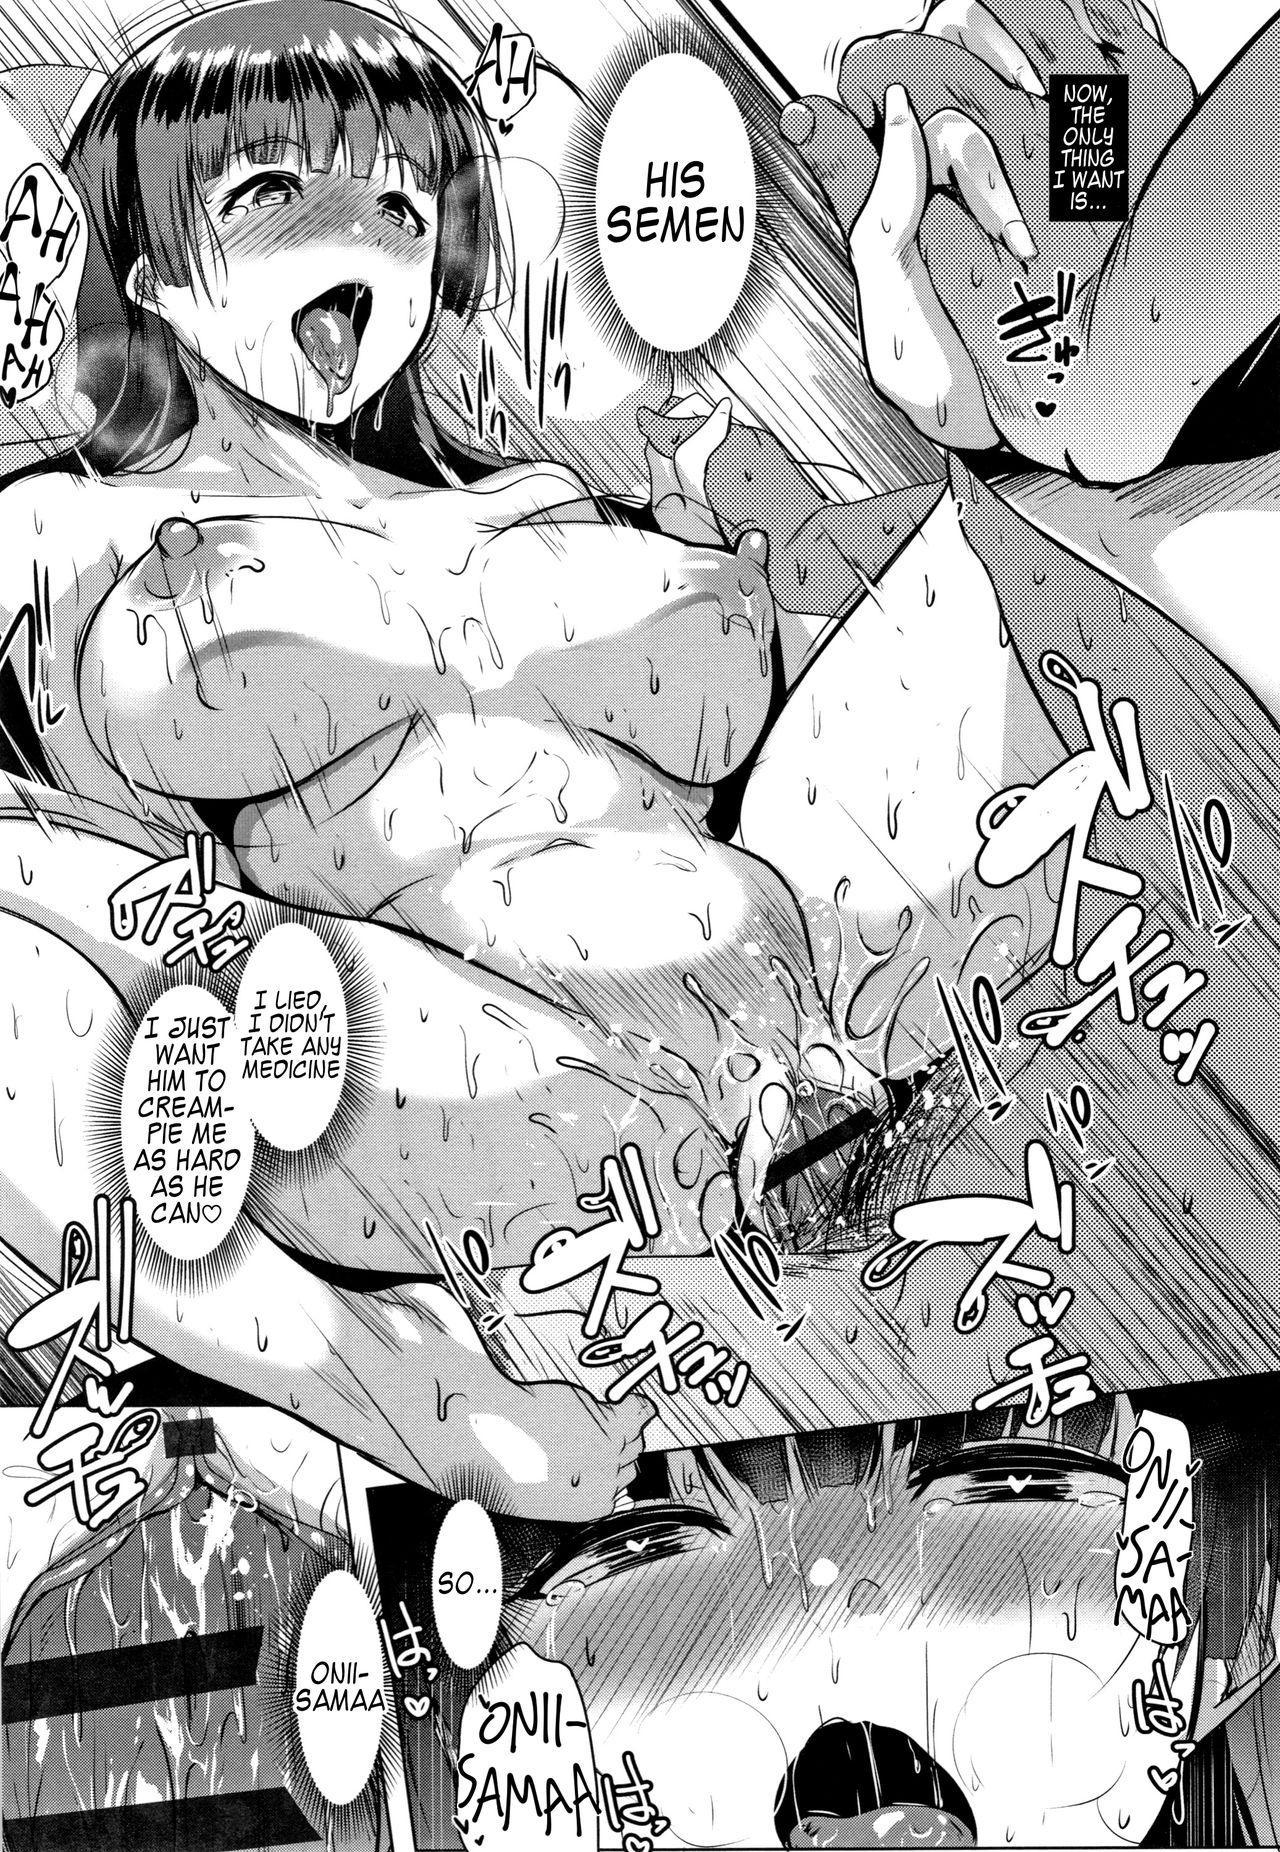 [Muneshiro] Karen na Gimai no Seikatsu Shidou | Sex-guidance with my precious sister in-law (Dekiai Koubi) [English] [Kappasa] 18